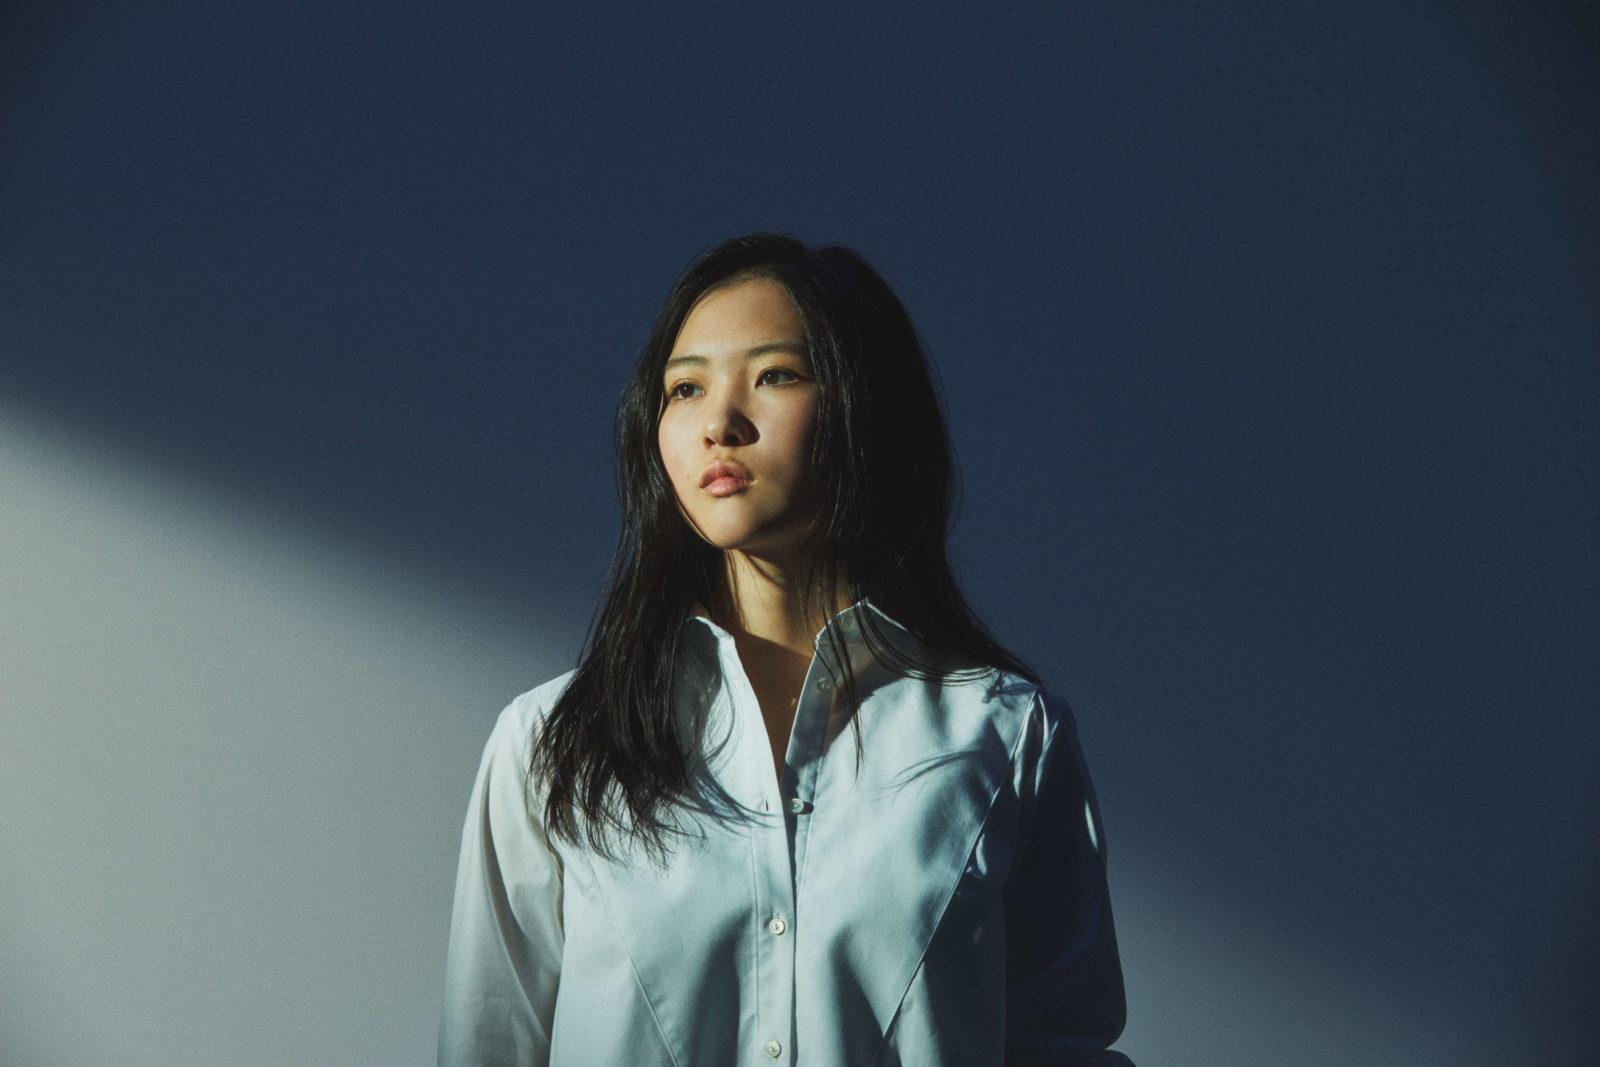 シンガーソングライター琴音、高校生活の集大成となる1stアルバム「キョウソウカ」リリース決定サムネイル画像